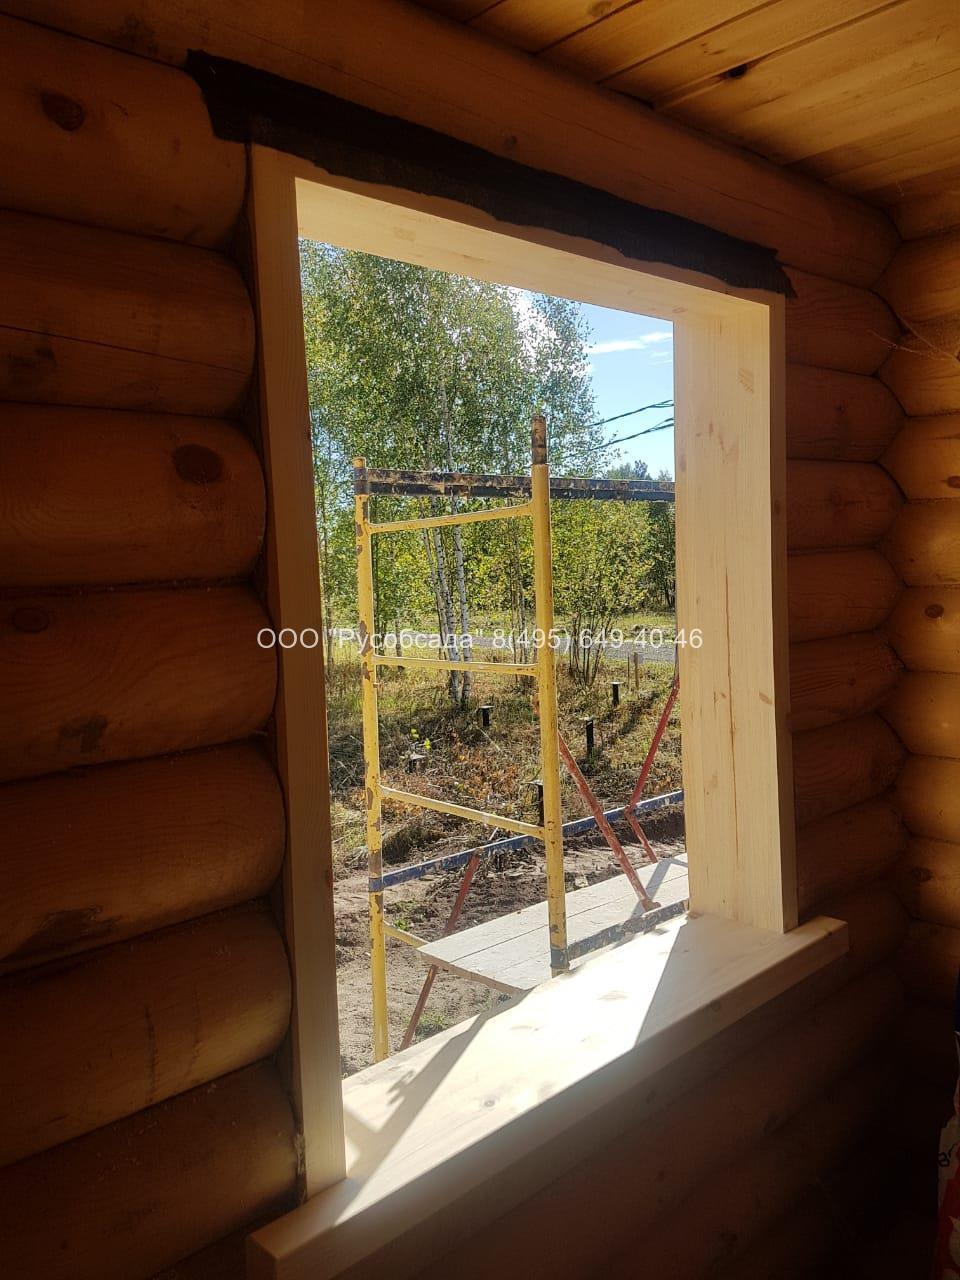 обсада окосячка окон в деревянном доме (Русобсада)